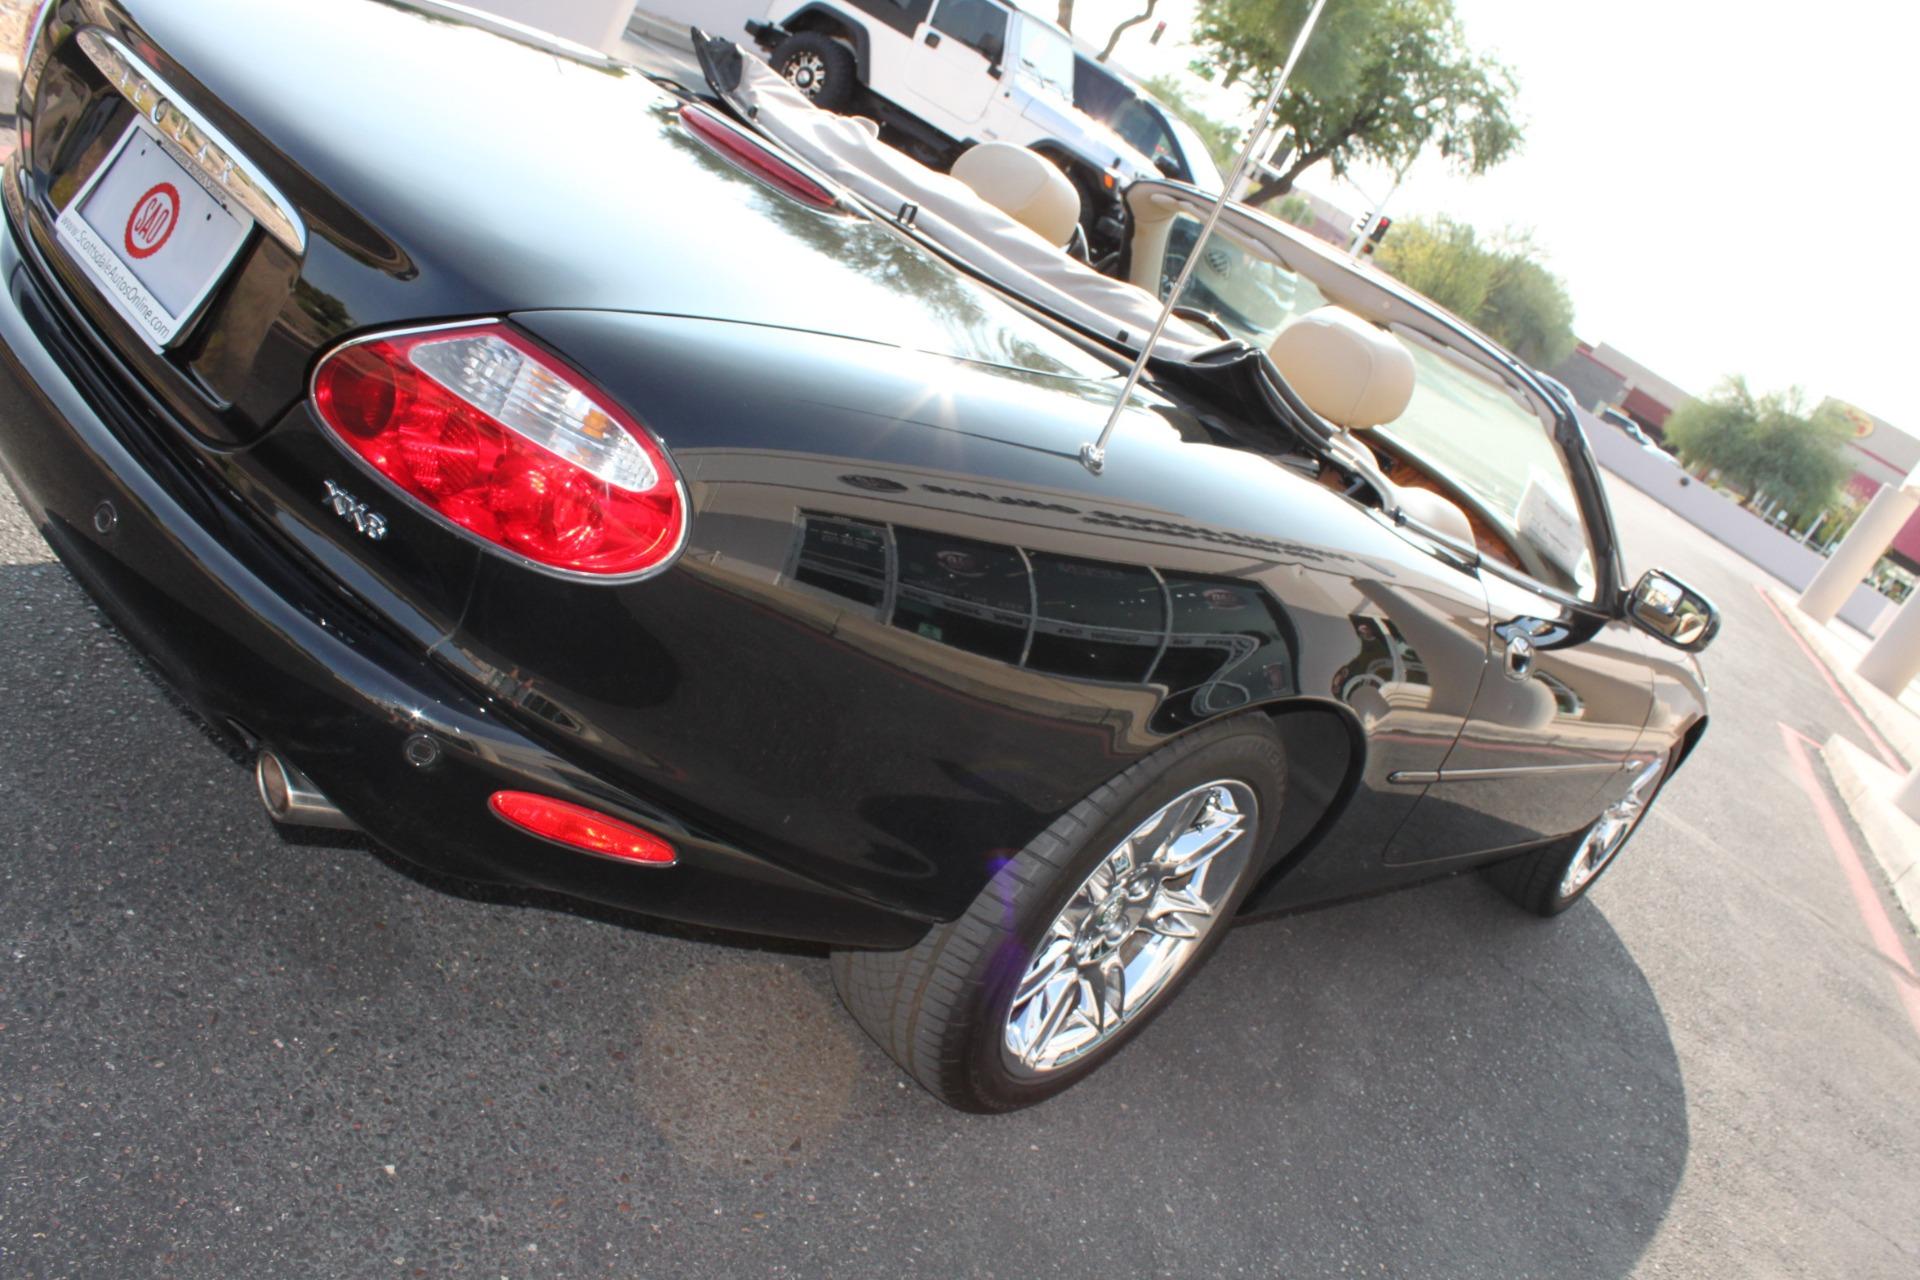 Used-2002-Jaguar-XK8-Convertible-XK8-Audi